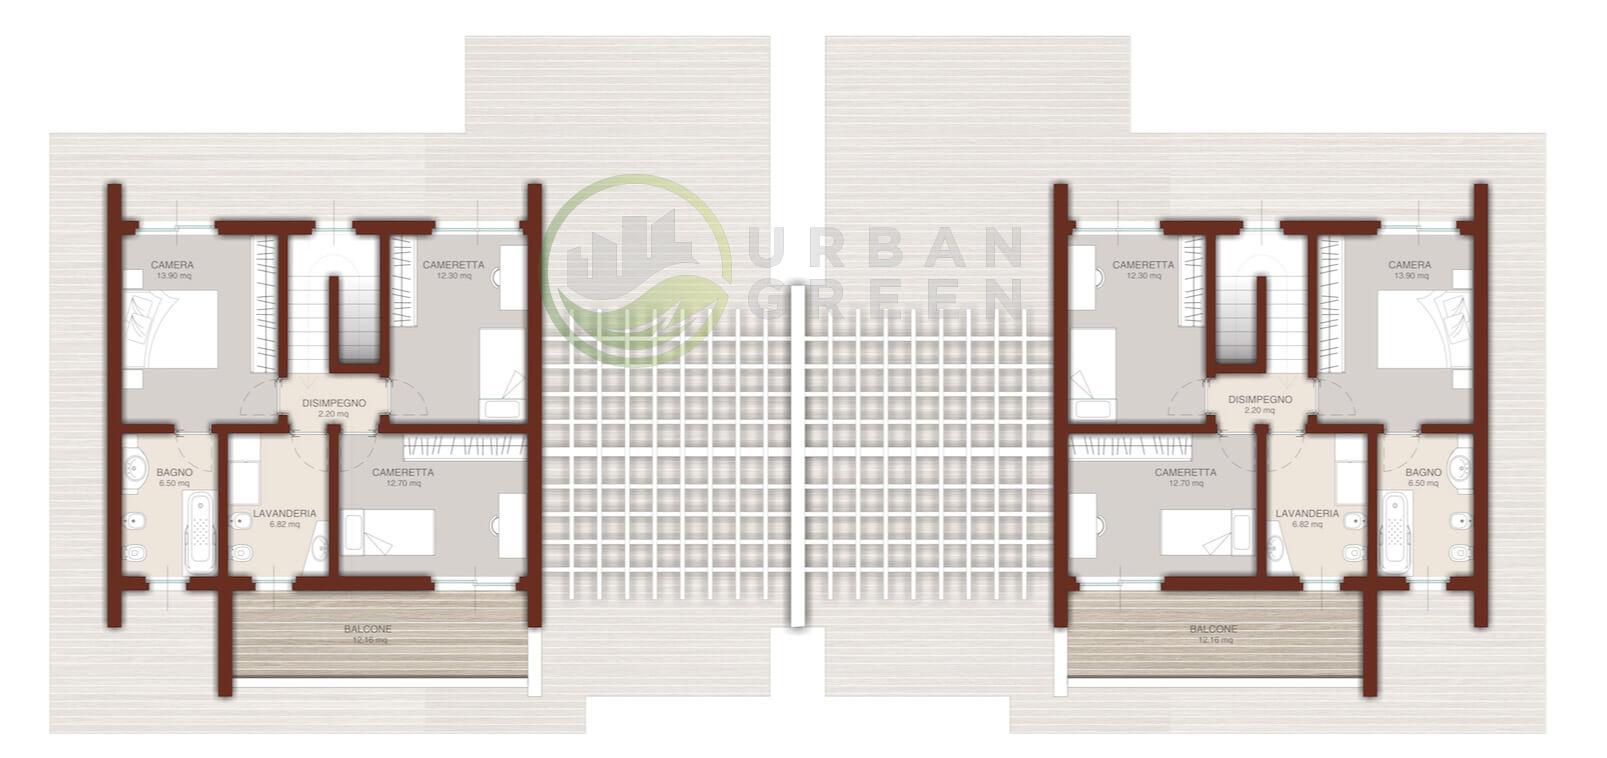 Casa in legno bifamiliare urb32 urban green for Planimetrie piano piano gratuito